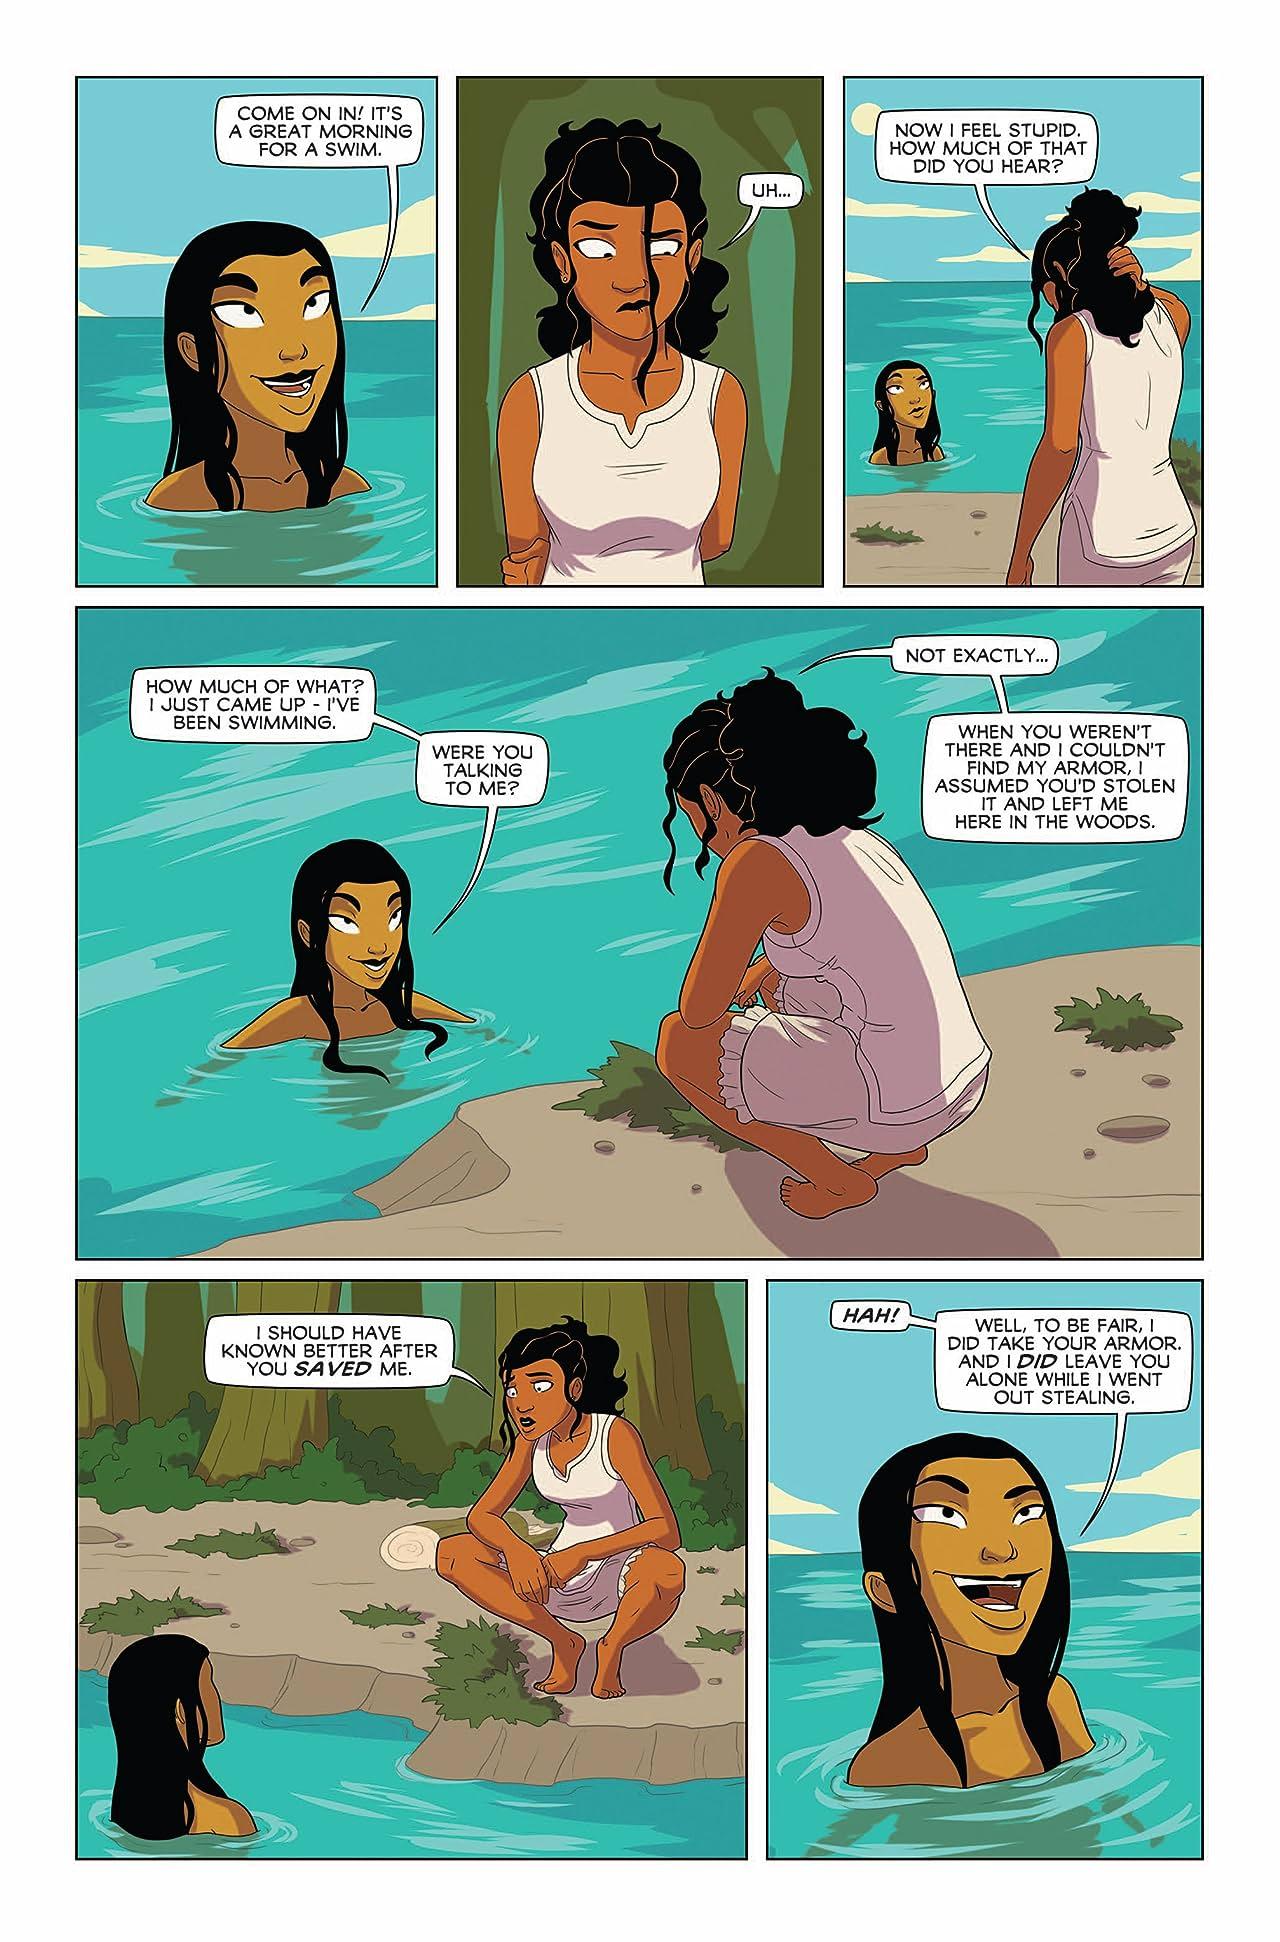 Princeless: The Pirate Princess #3